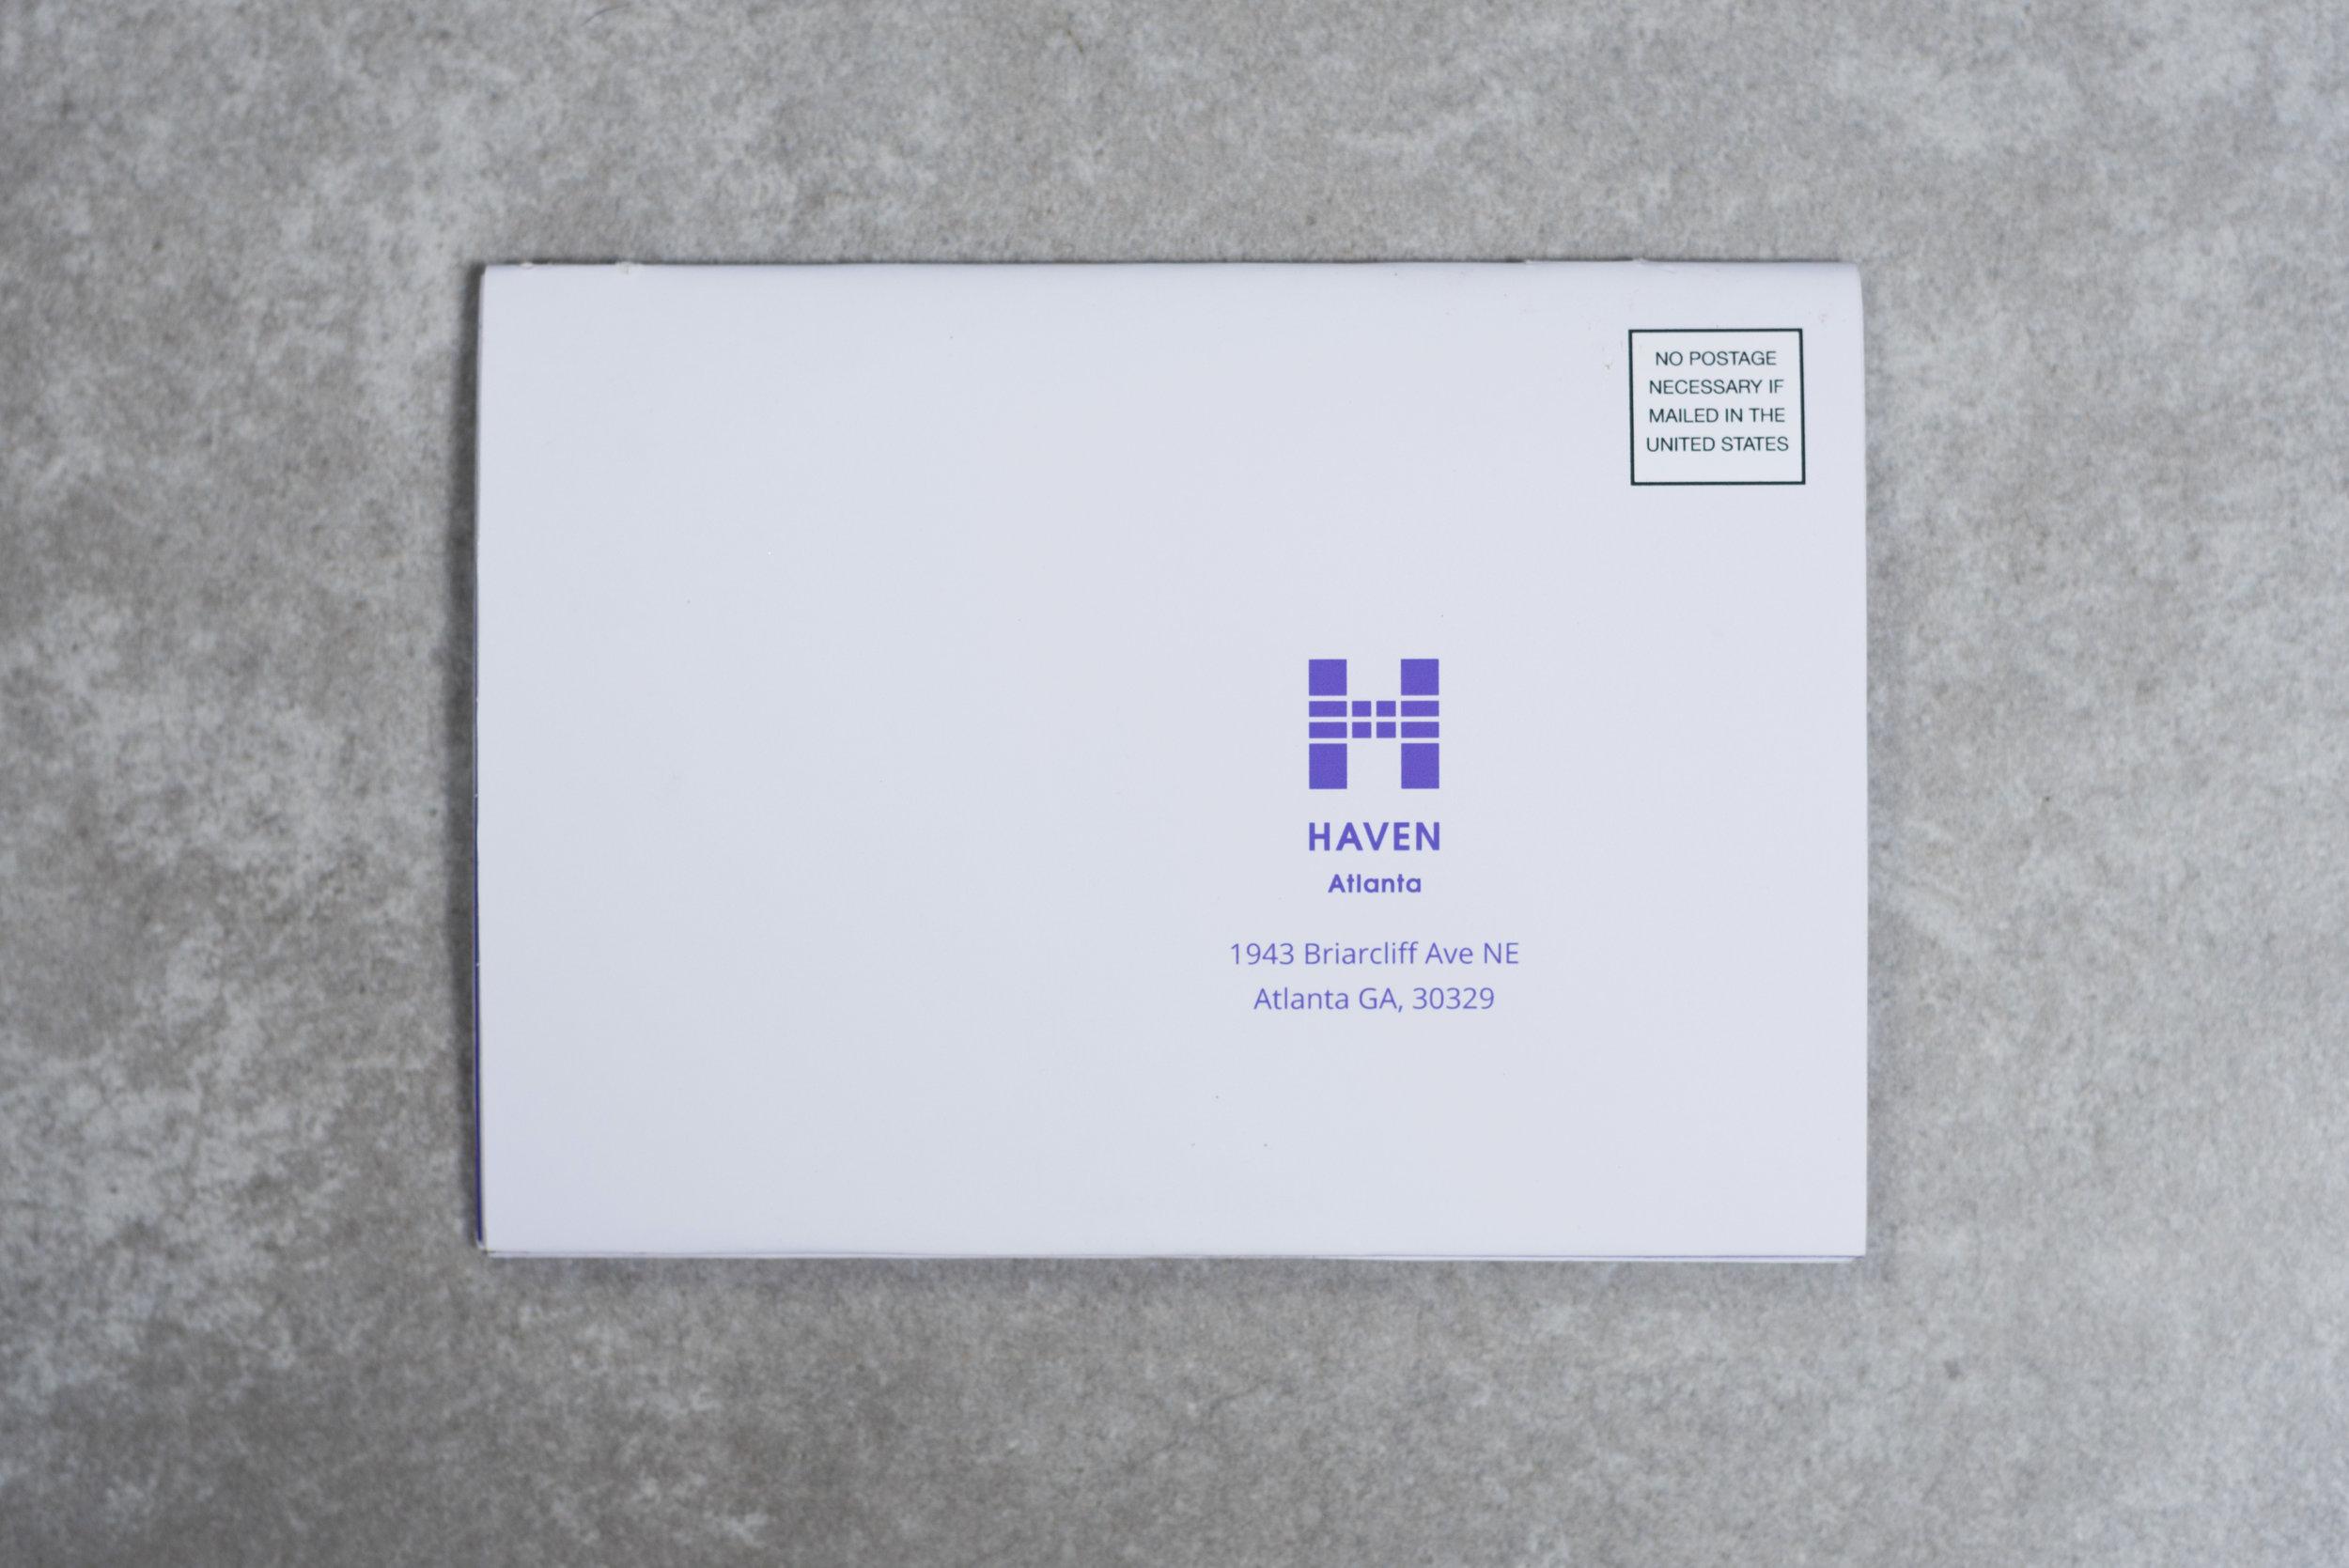 havenbooklet_back.jpg